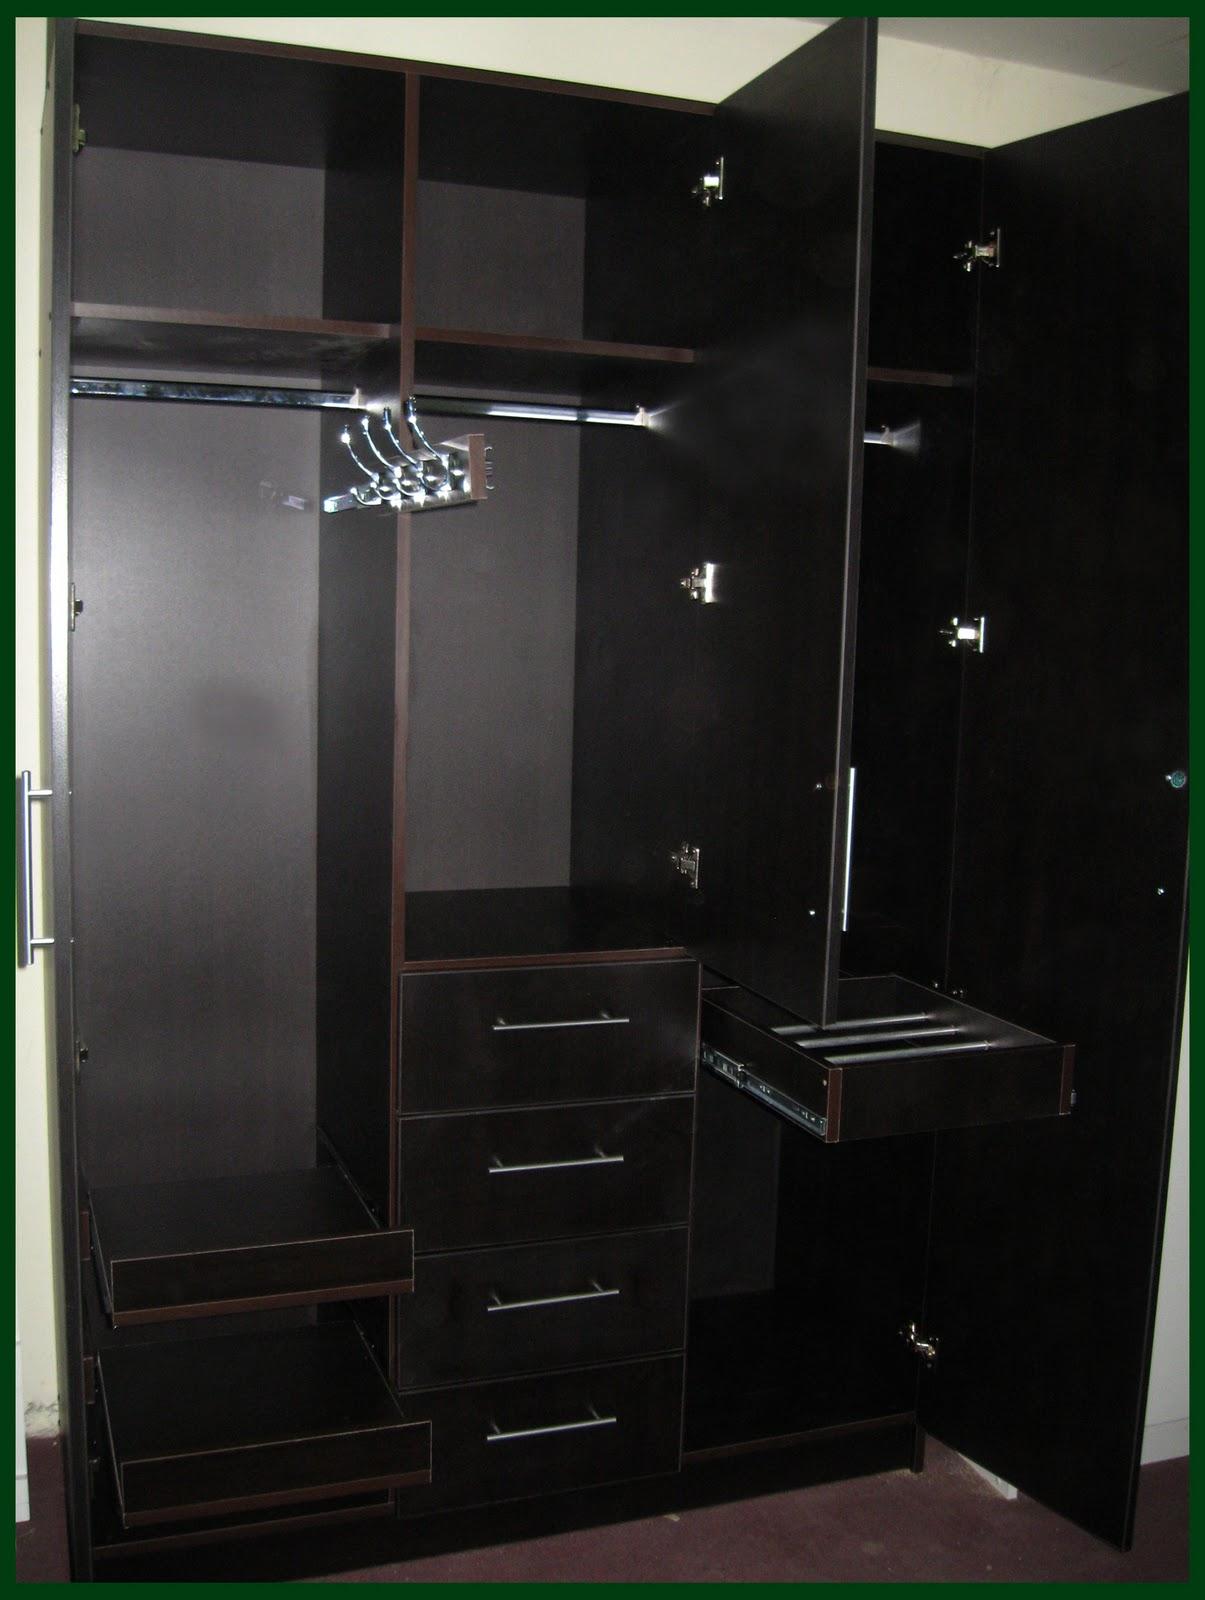 Muebles jose luis chingay modelo exclusivo a1 for Closet modernos con zapatera